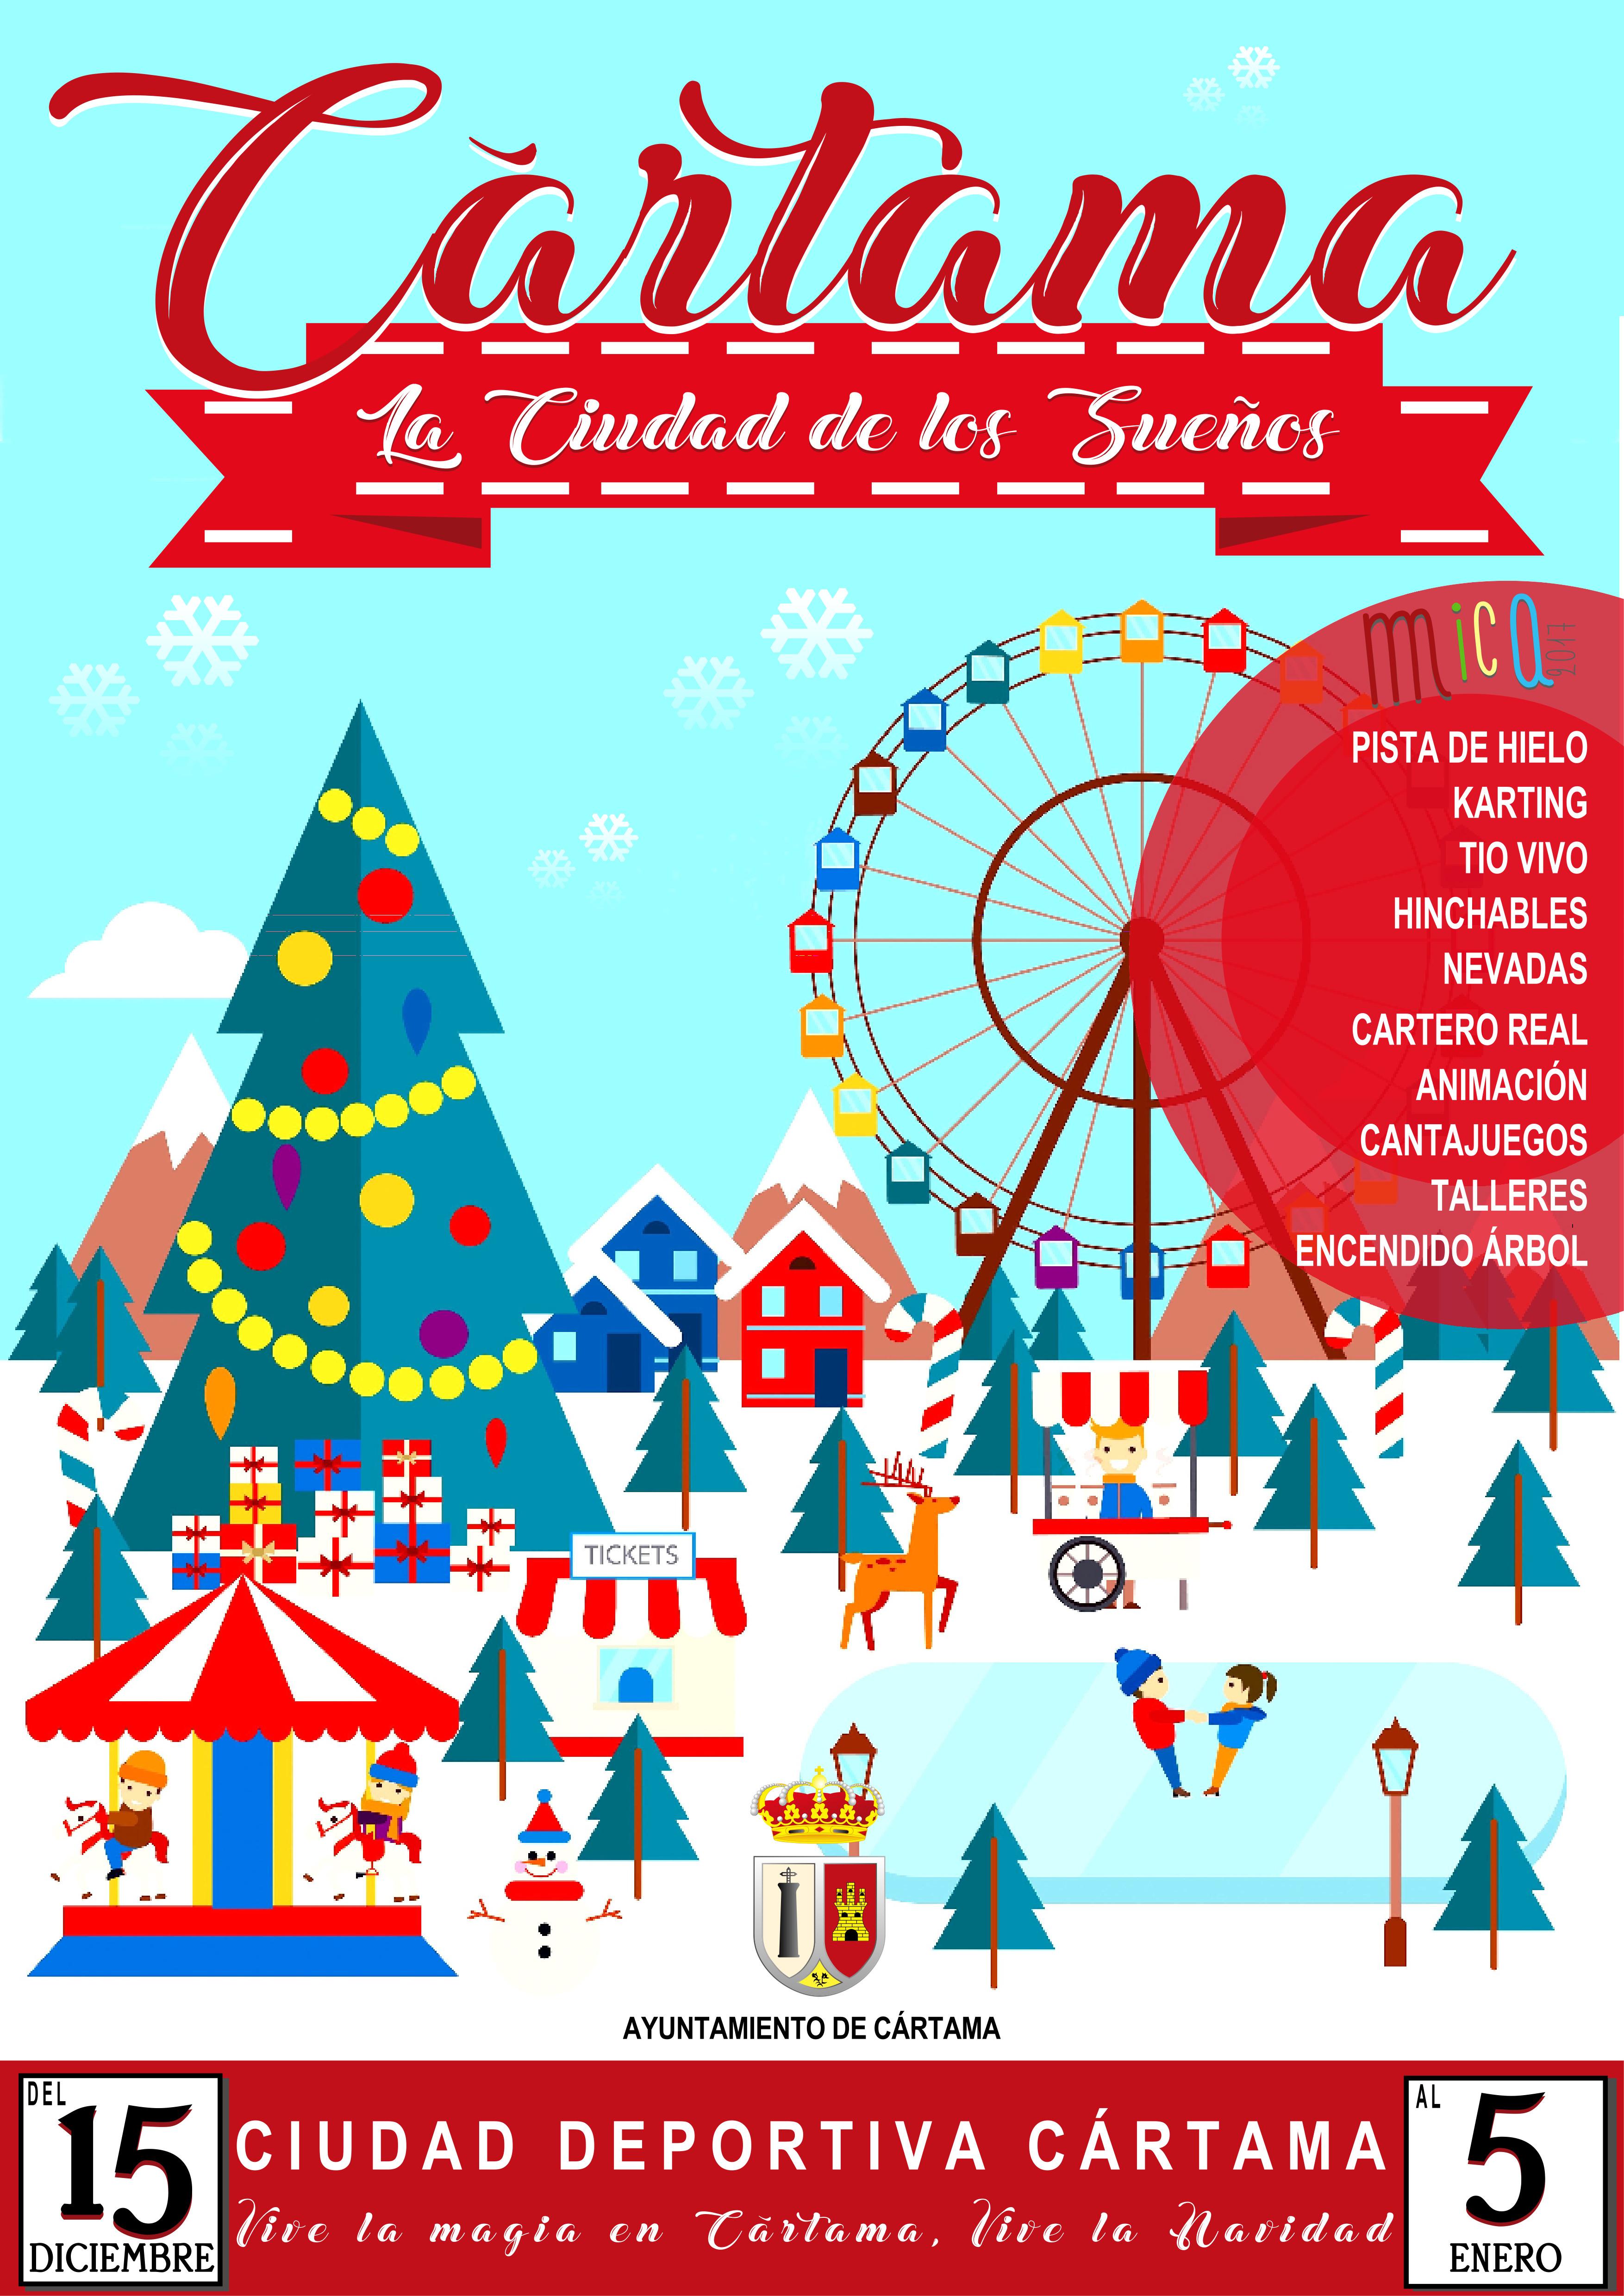 Cártama, Ciudad de los Sueños: todas las actividades de esta Navidad